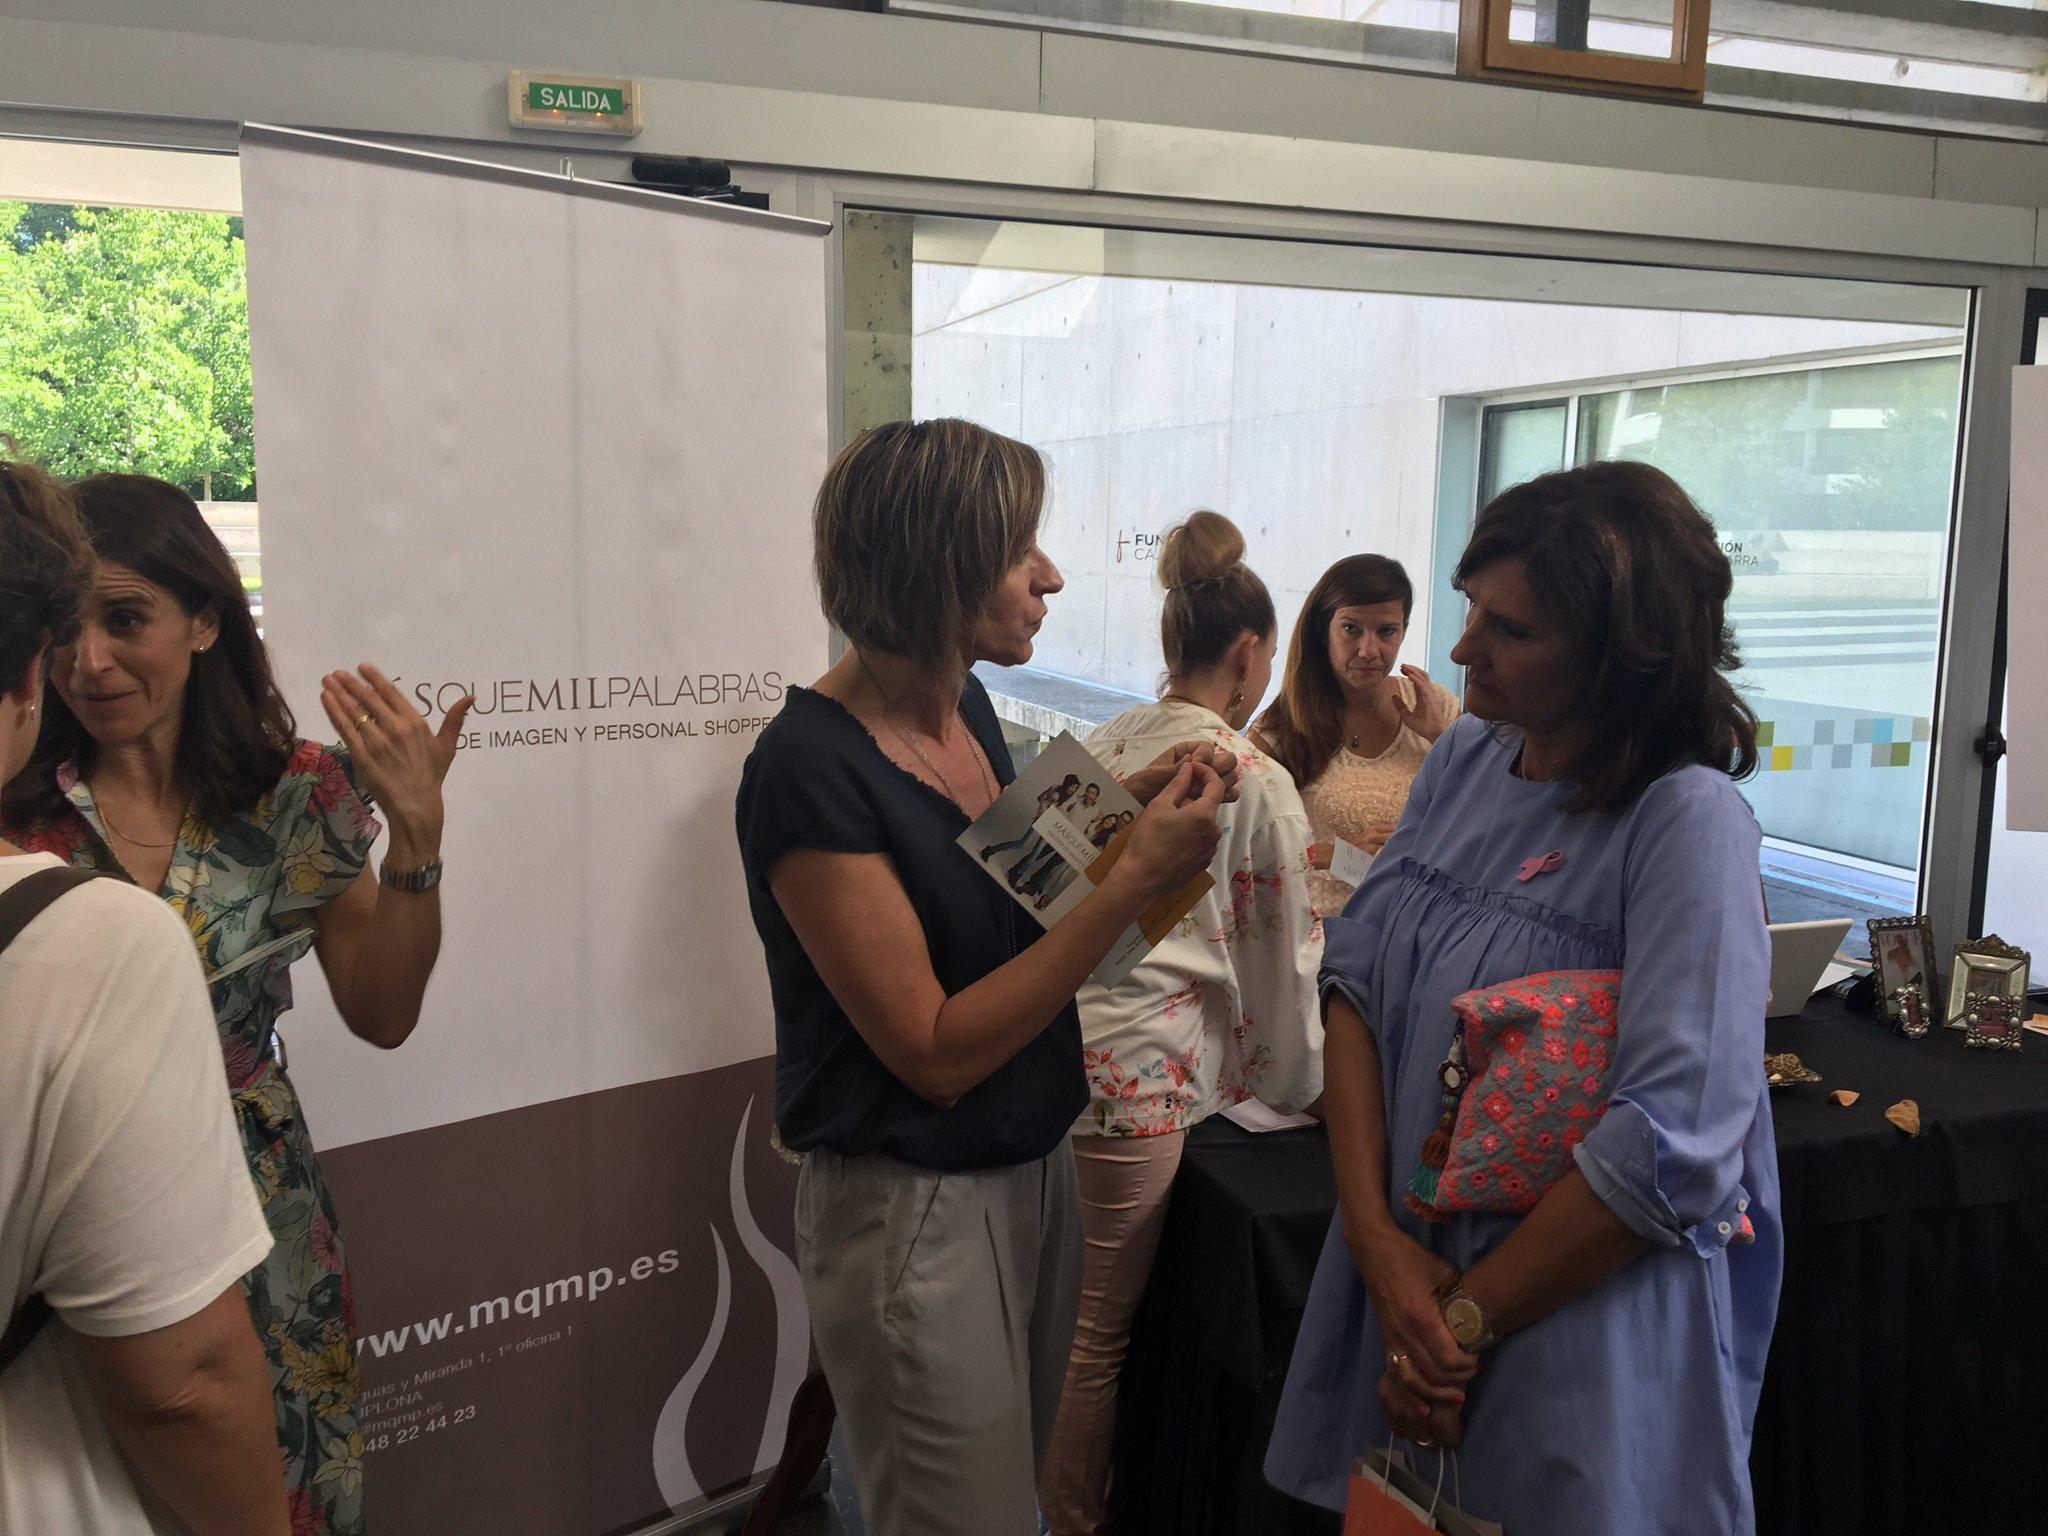 Asesoría de imagen y personal shopper con psicología nutricional en @mqmp #JornadaSaray https://t.co/GN9Z0jO24y